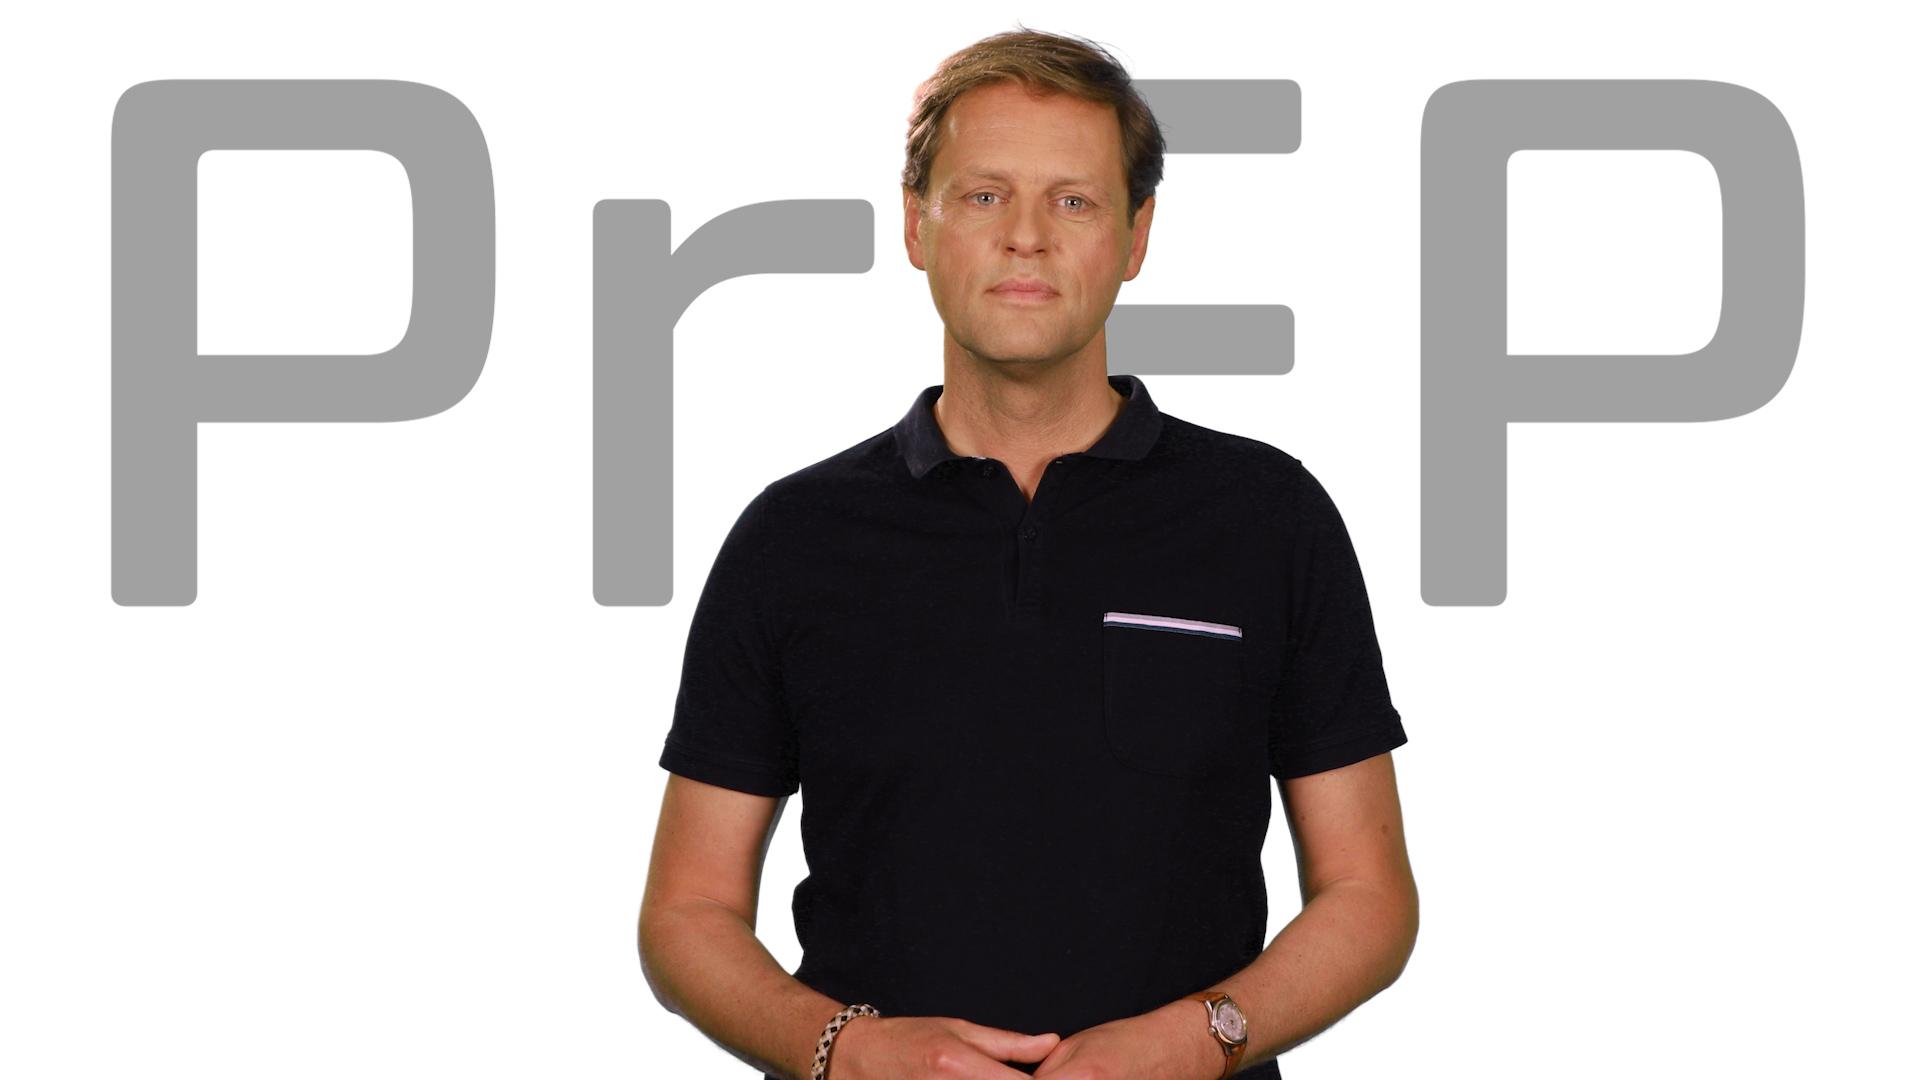 Bekijk de video: PrEP